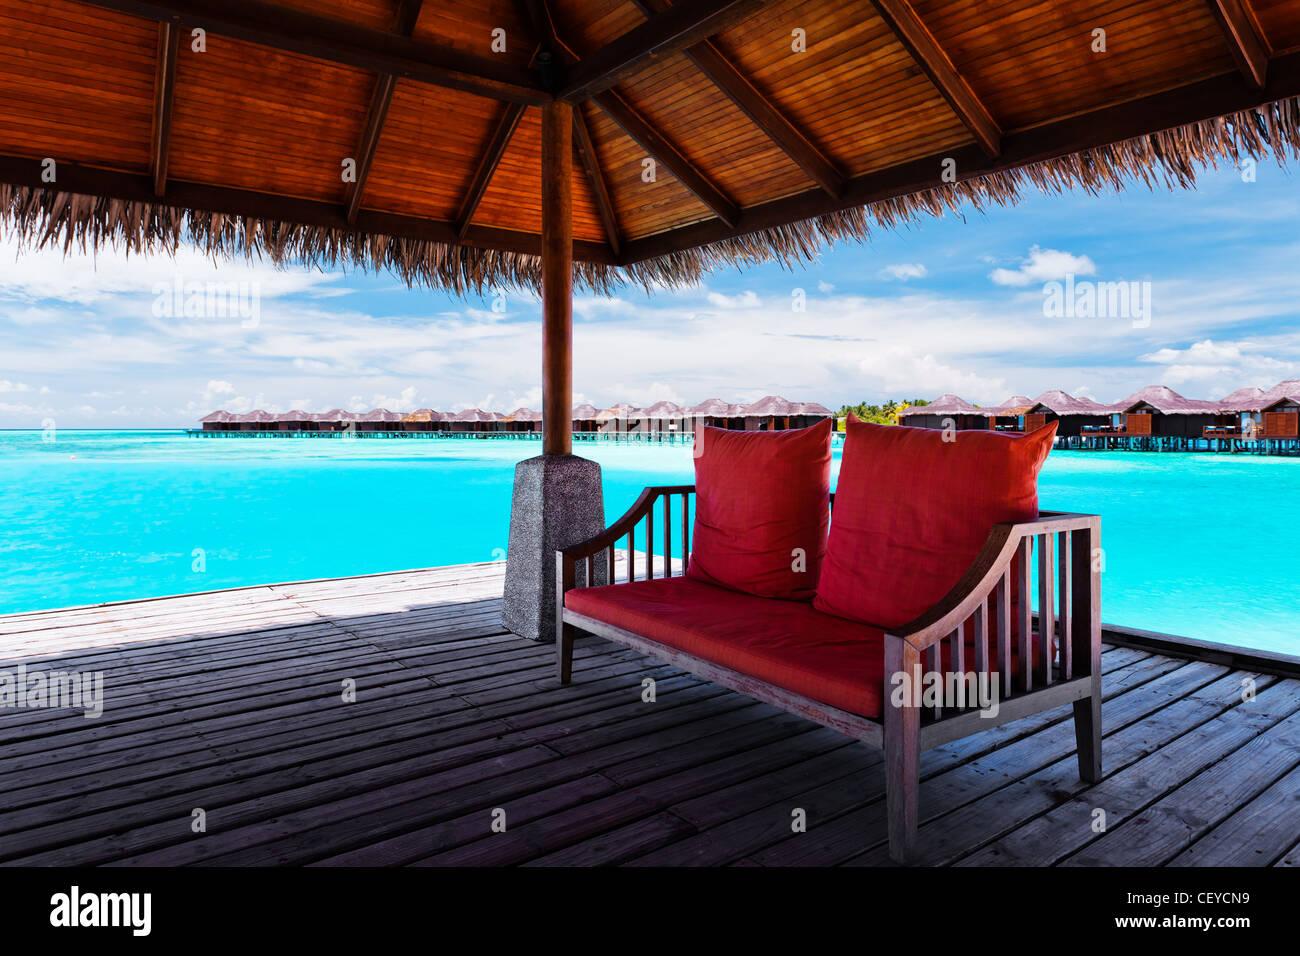 Divano Rosso Cuscini : Divano rosso withtwo cuscini sul molo in laguna tropicale foto